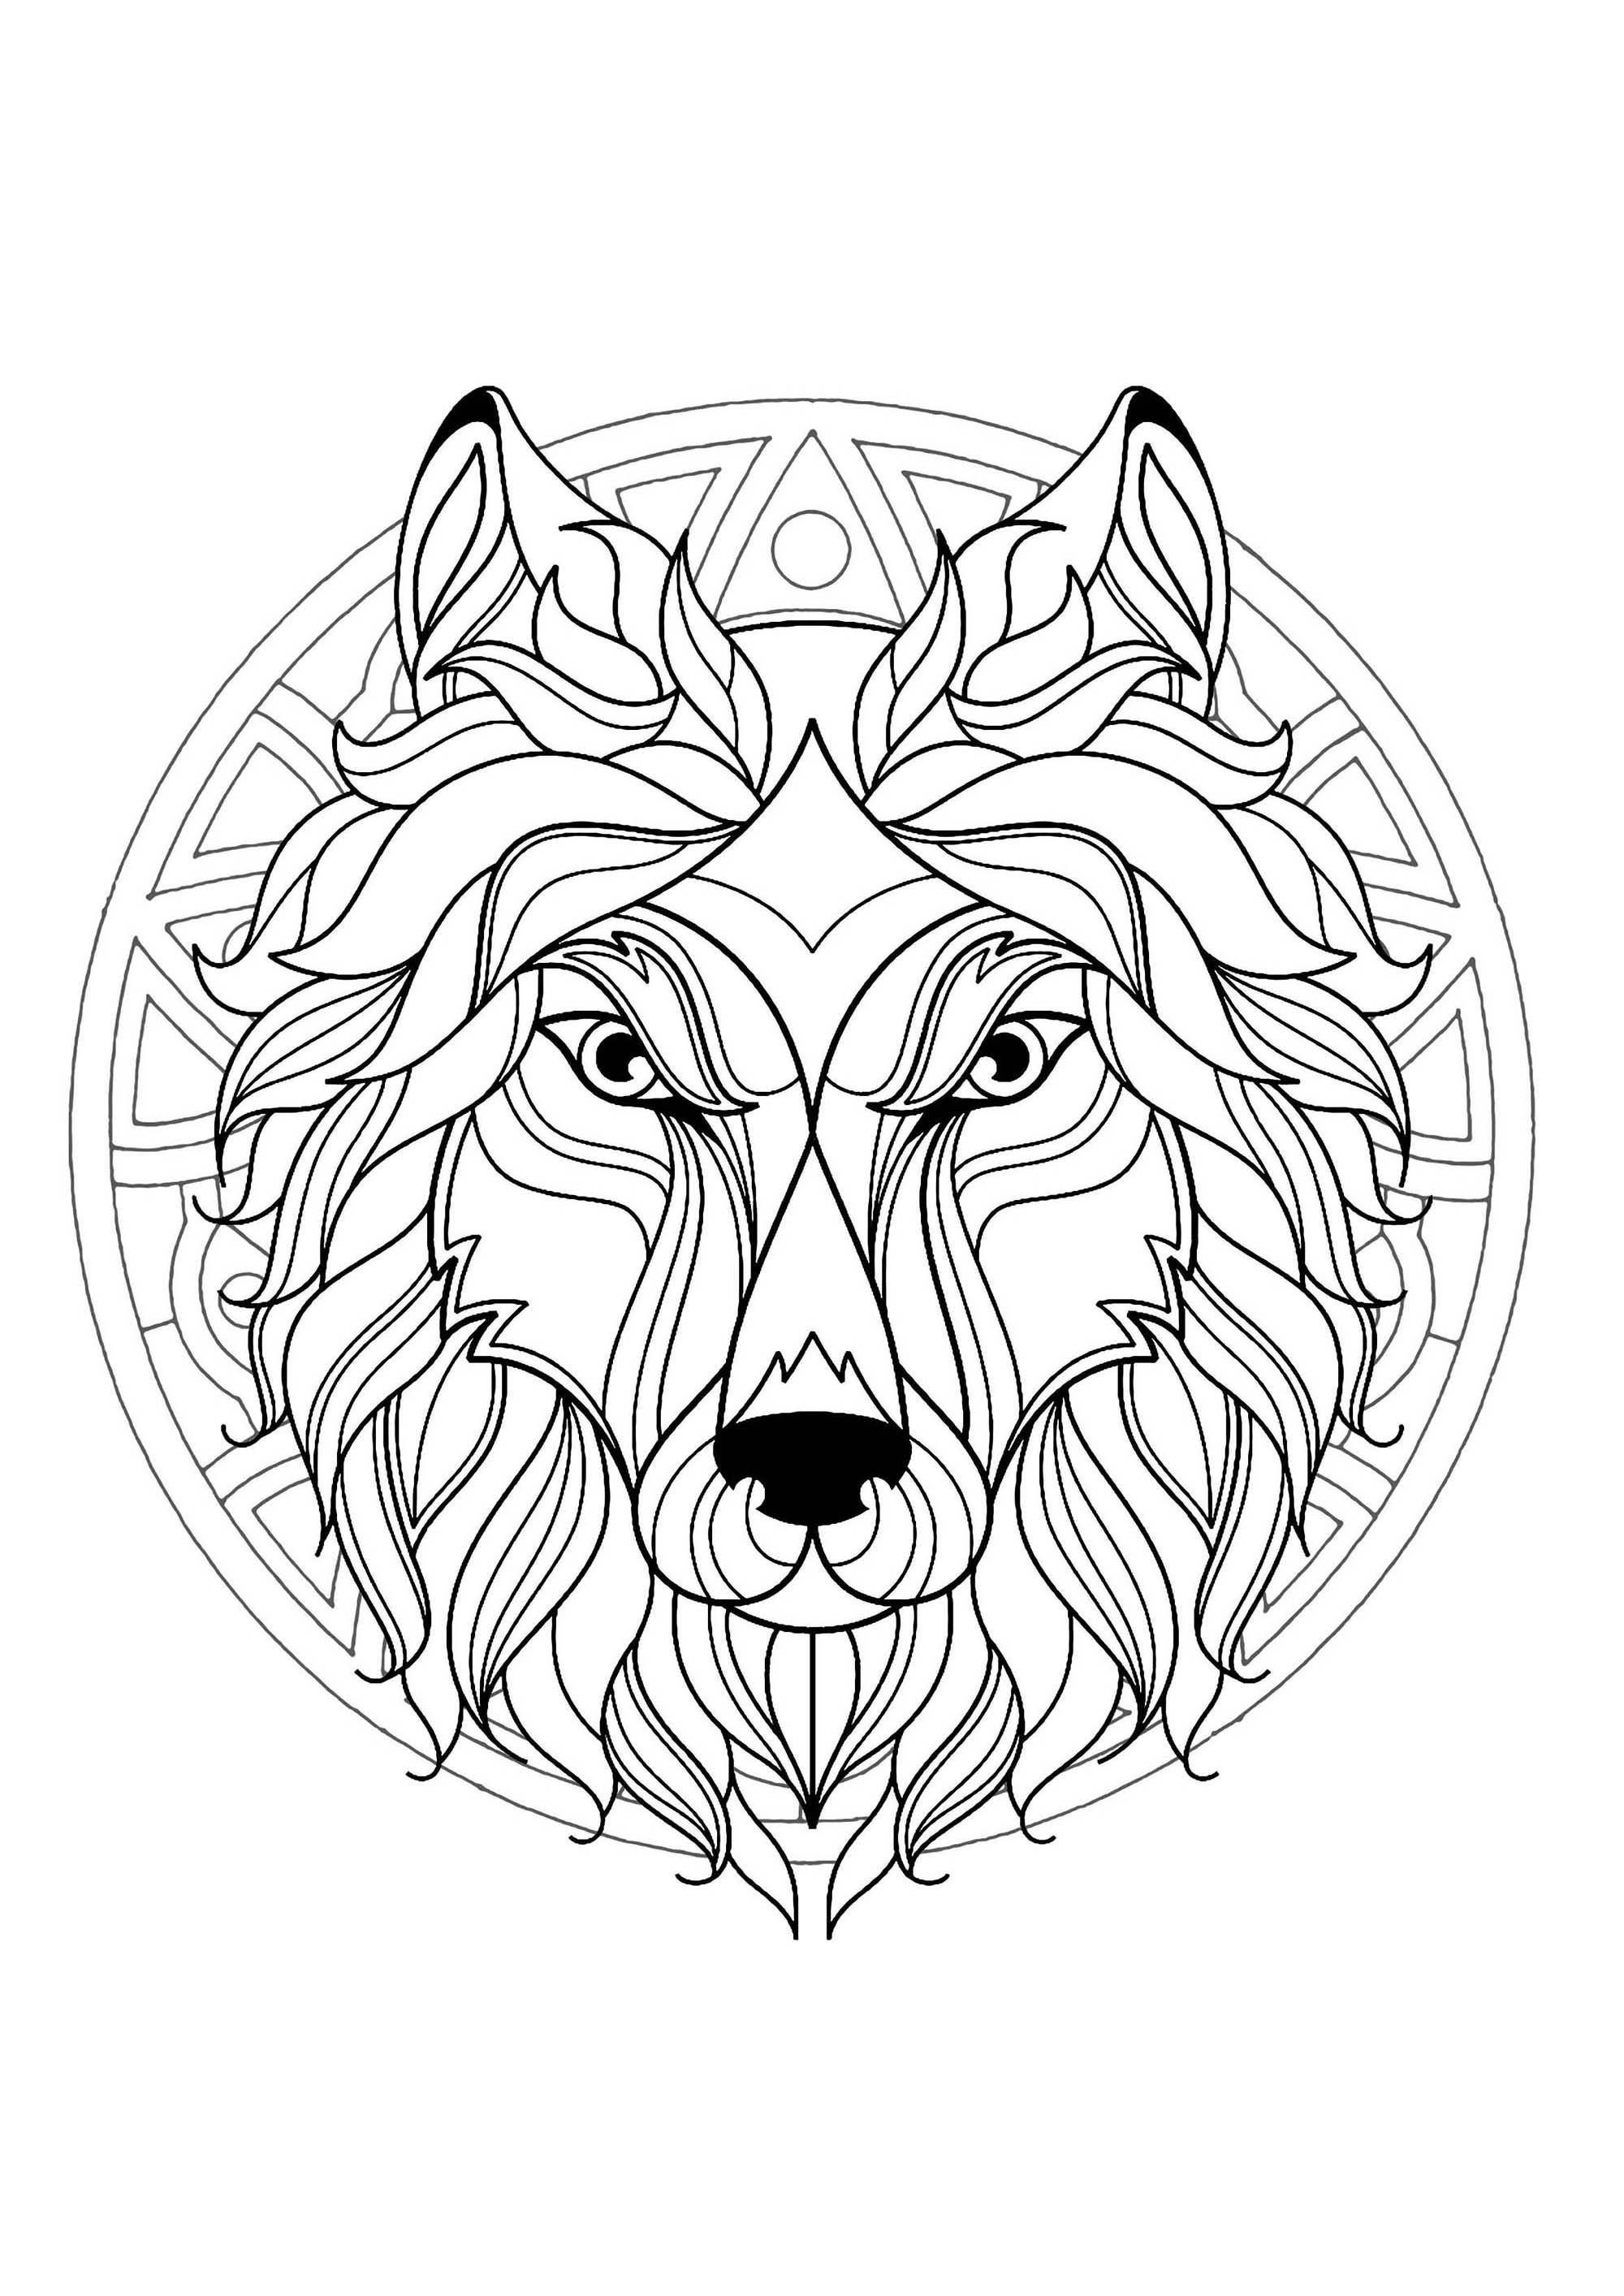 Mandala tete loup 3 mandalas coloriages difficiles - Coloriages loup ...